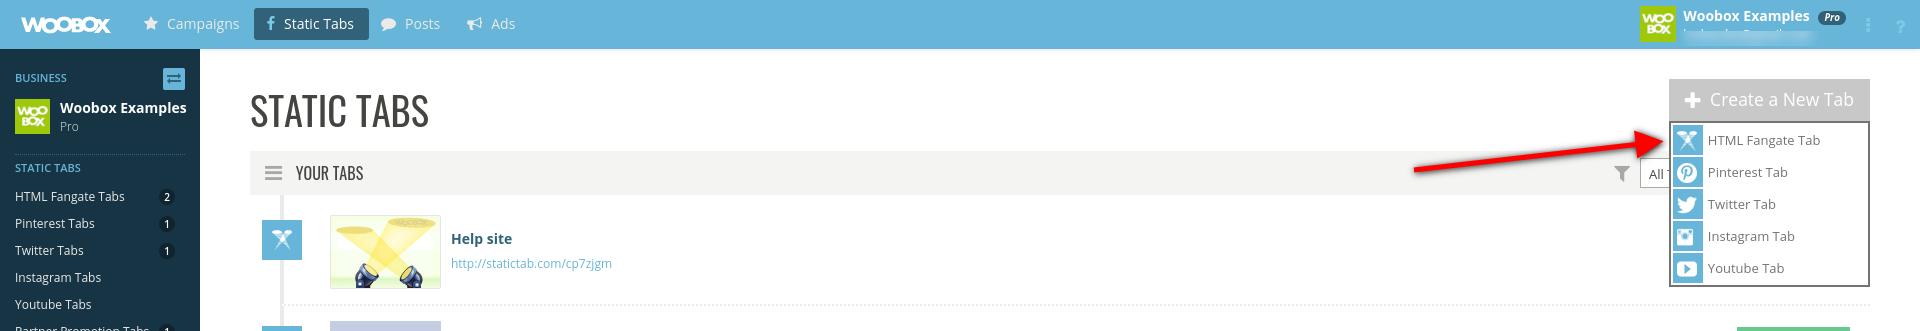 Create new static tab